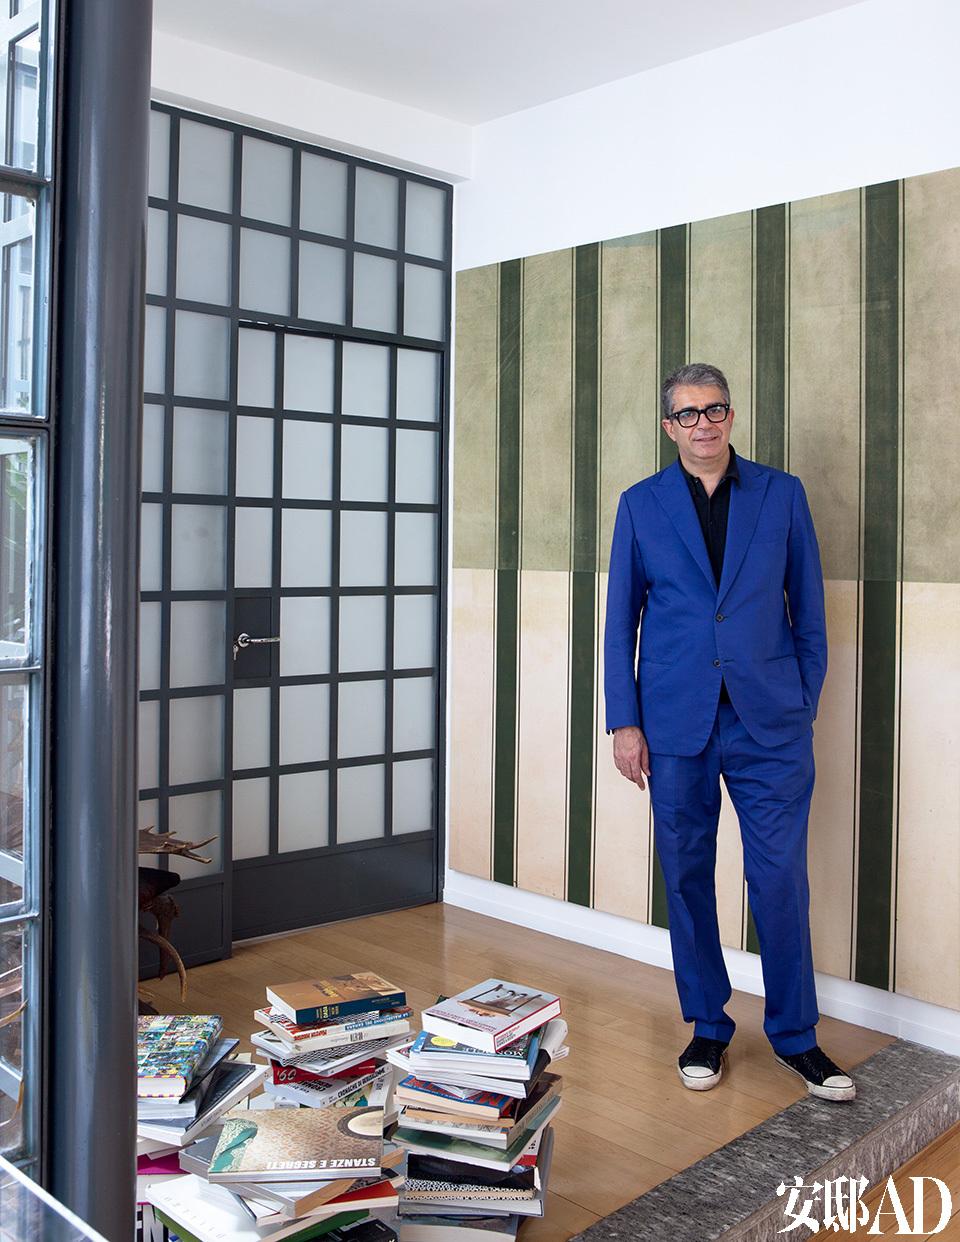 主人: Gió Marconi是欧洲著名的画廊主人、收藏家,他与父亲在1990年创办了Gió Marconi Gallery。之后的20多年,这所画廊成为欧洲新学院派艺术家、国际先锋艺术家的聚点。Marconi还曾离开意大利,搬去巴黎和旧金山生活过很长一段时间,但最后还是选择了回到米兰。